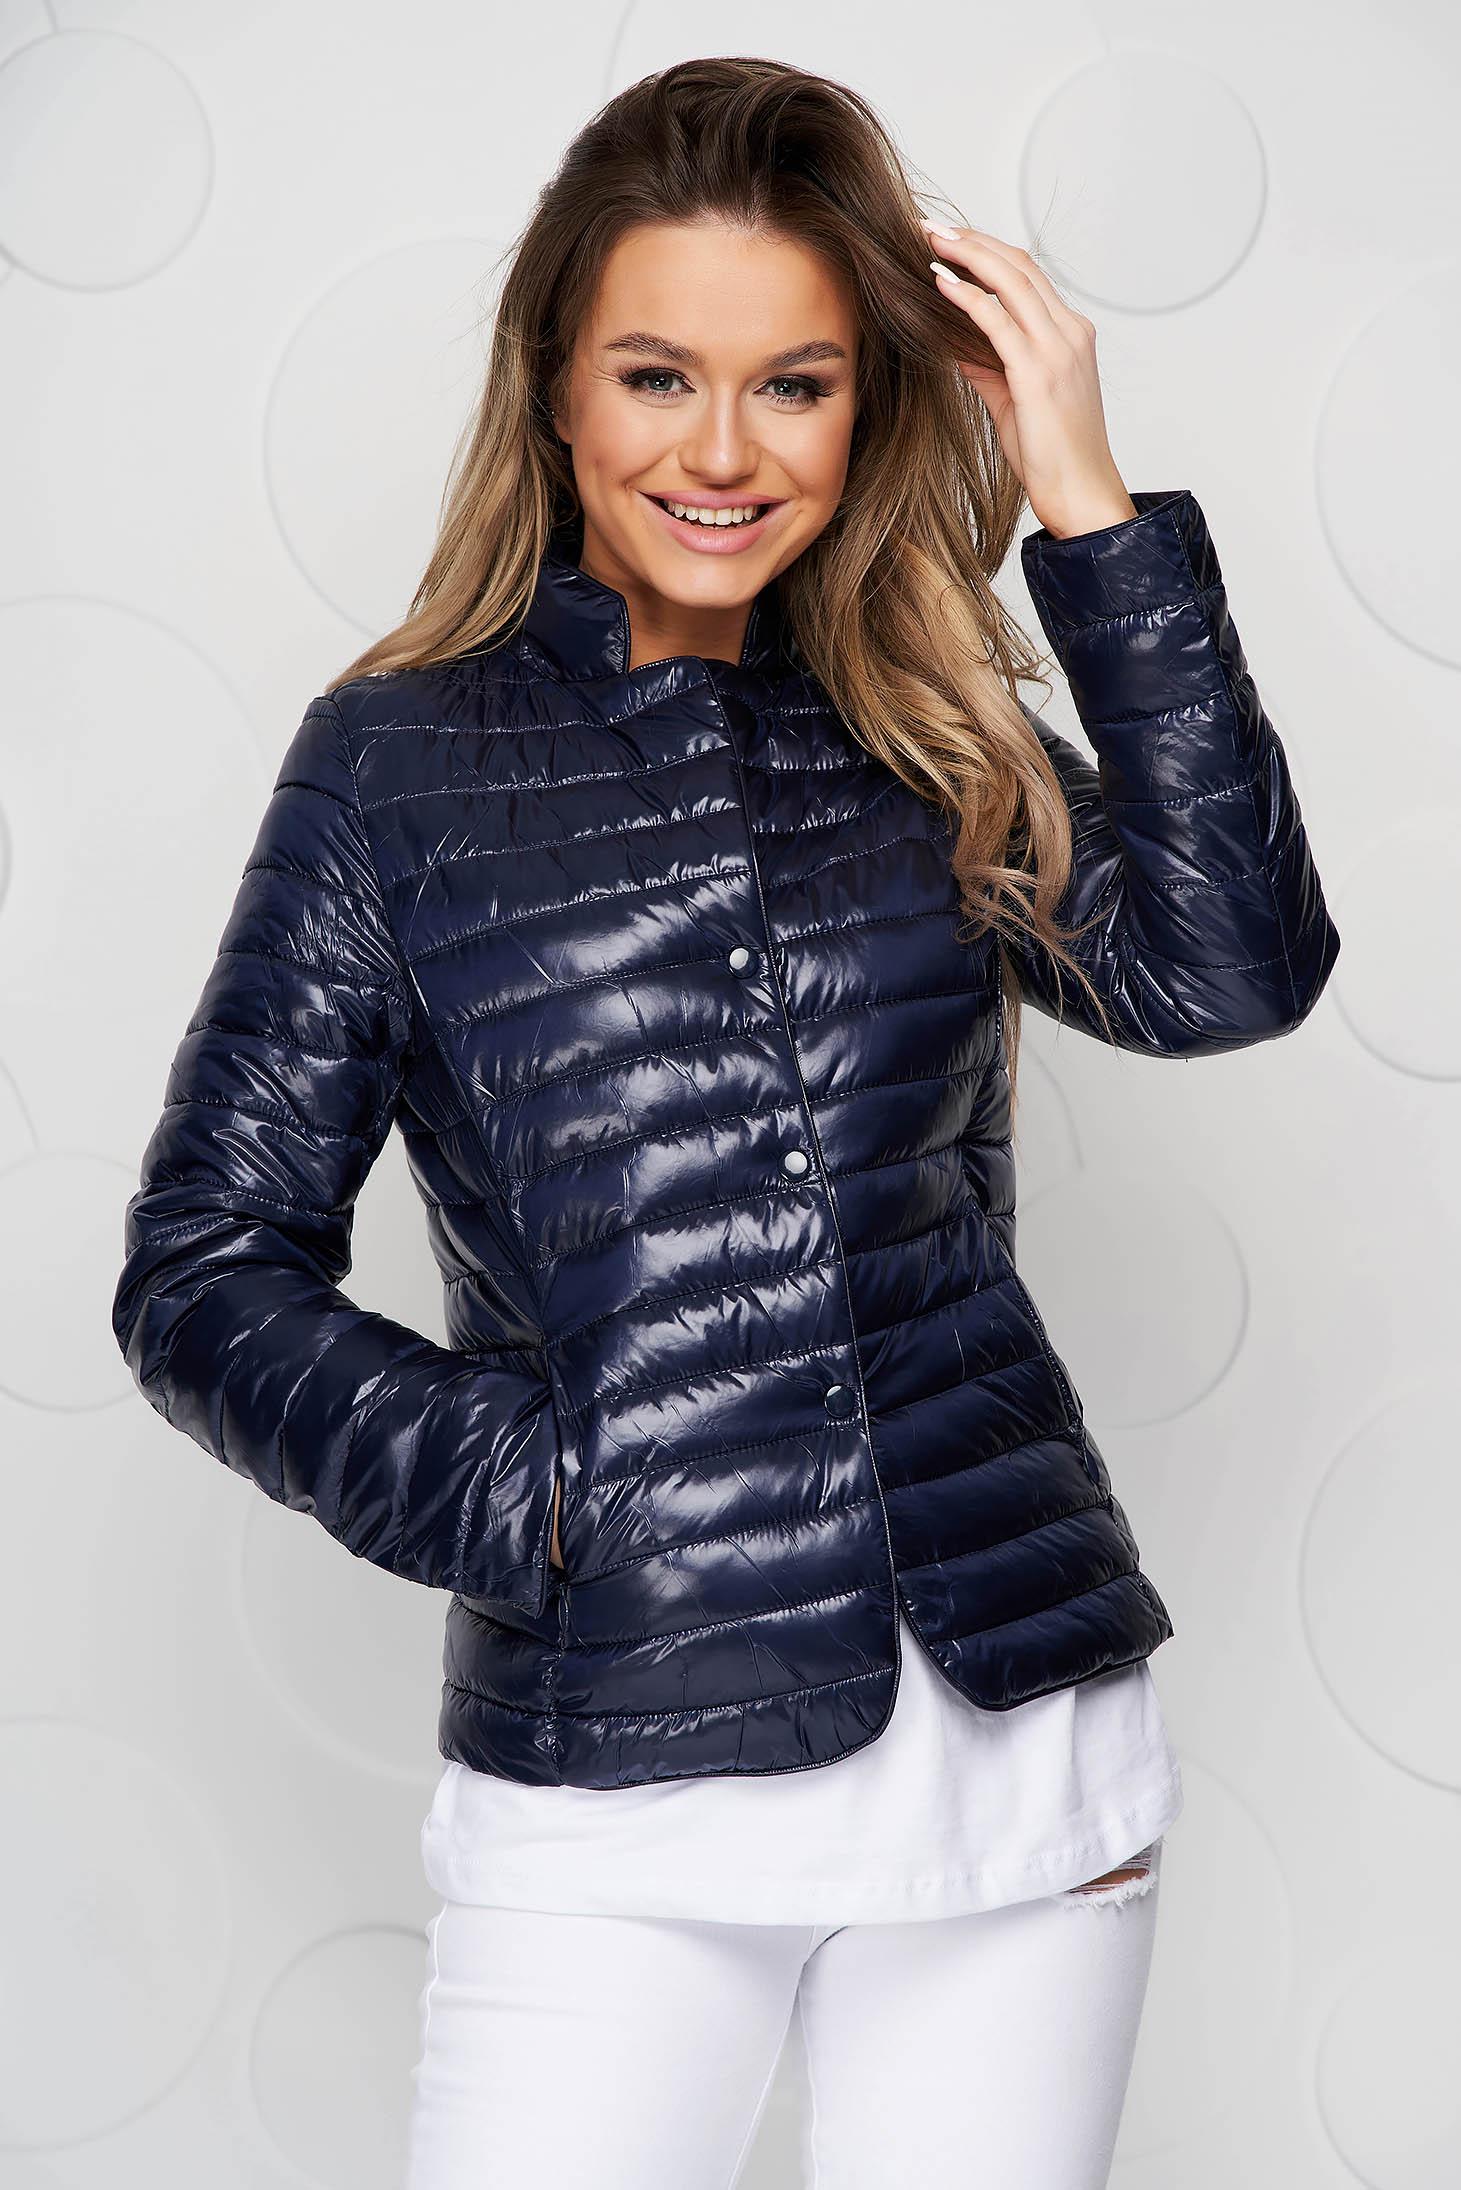 Darkblue jacket tented from slicker metal eyelets fastening